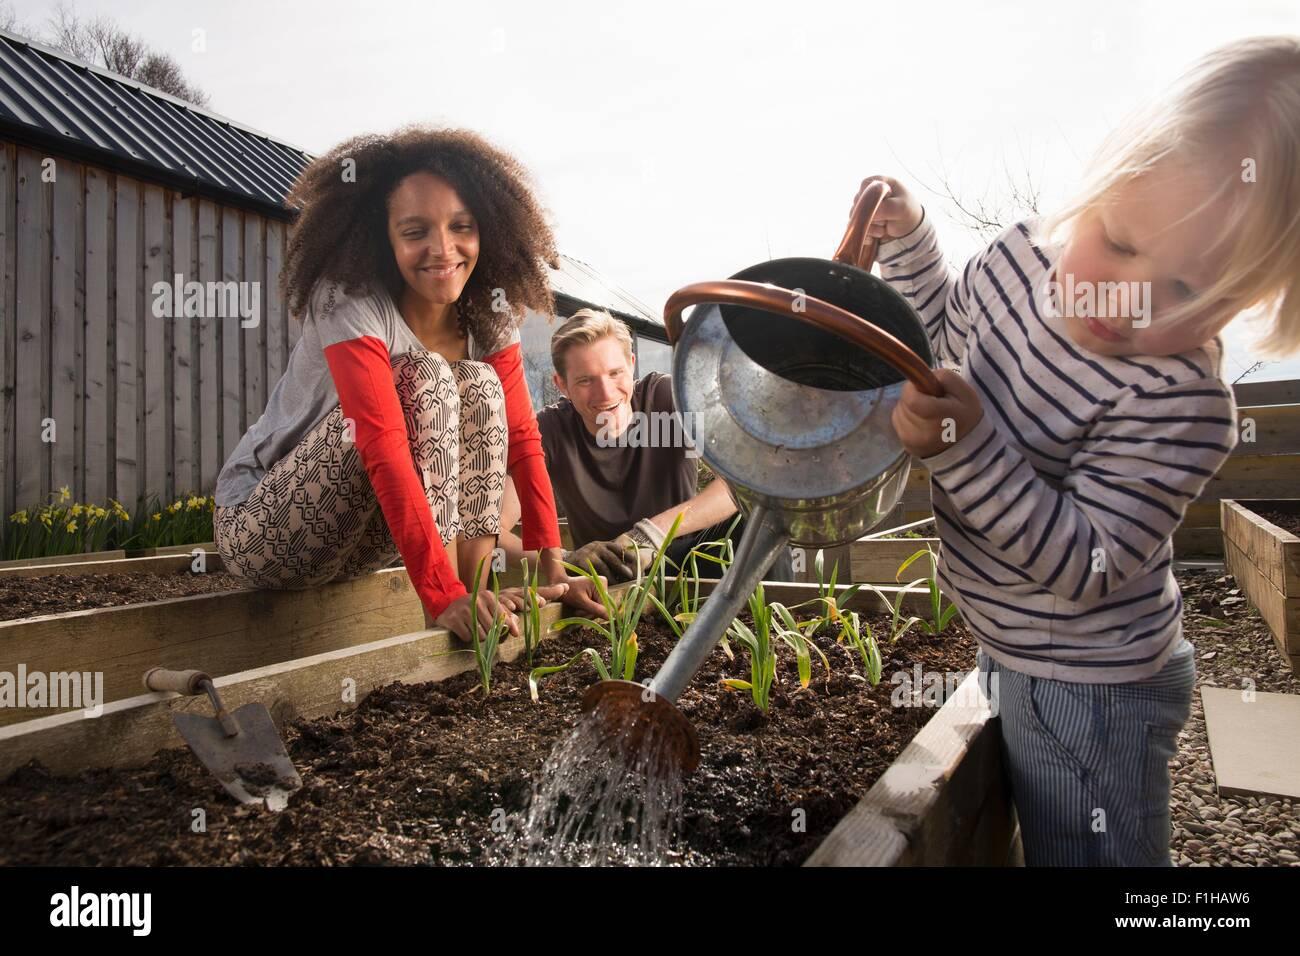 Hijo regar las plantas, los padres viendo Imagen De Stock